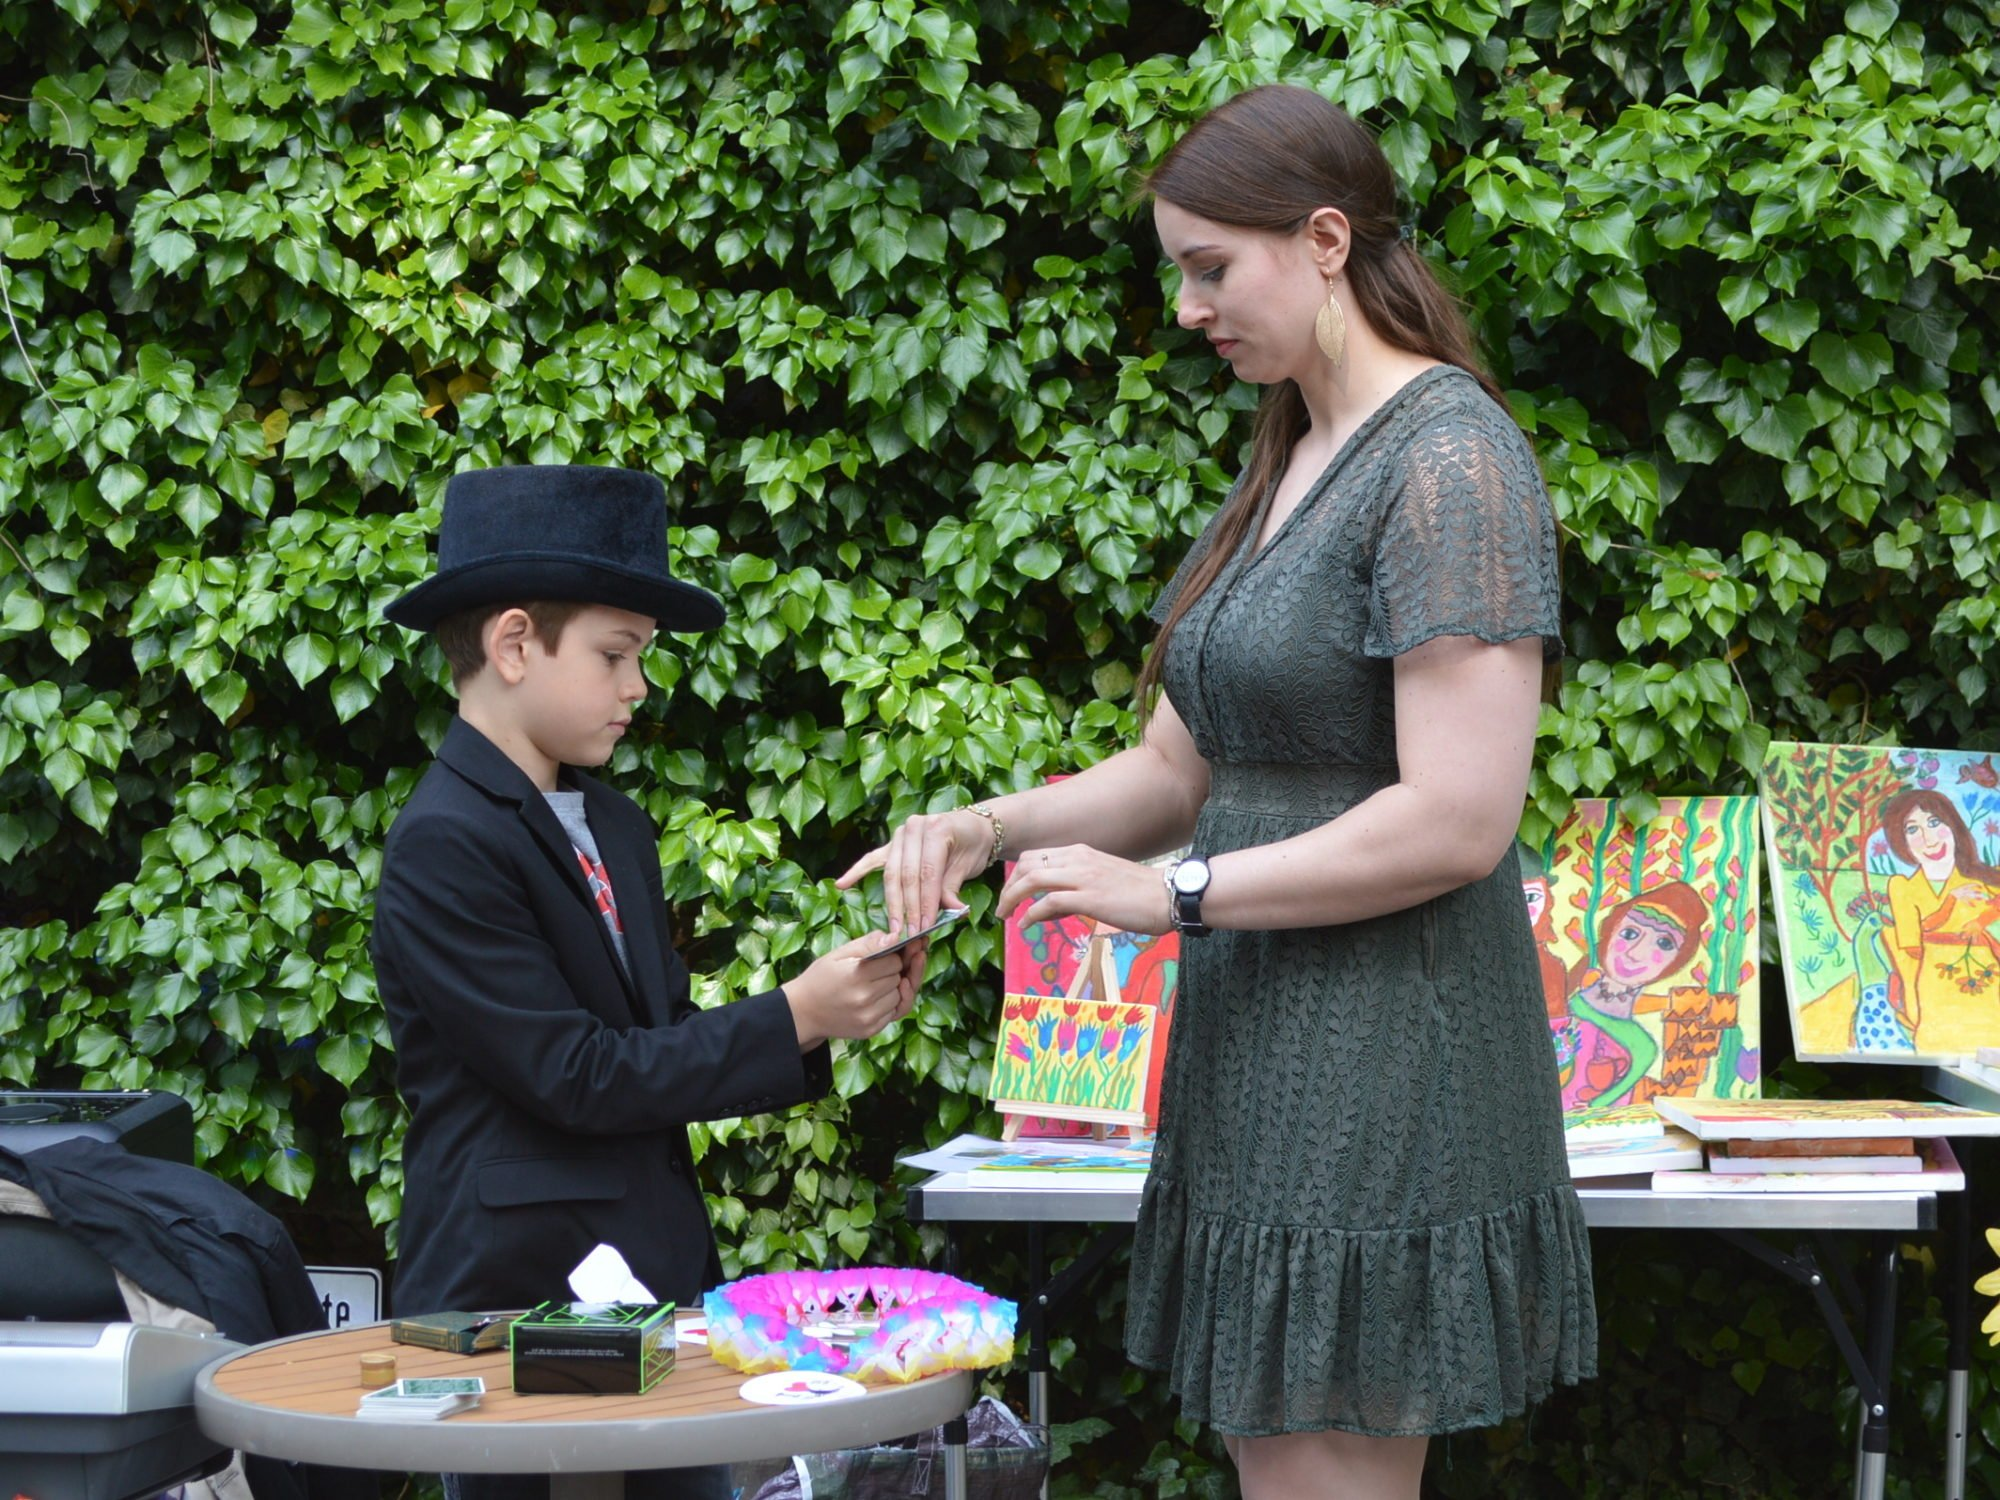 Nachwuchs-Zauberer: Ein kleiner junge mit schwarzem Jacket und Zylinder präsentiert einer Kollegin aus dem WmI einen Kartentrick.